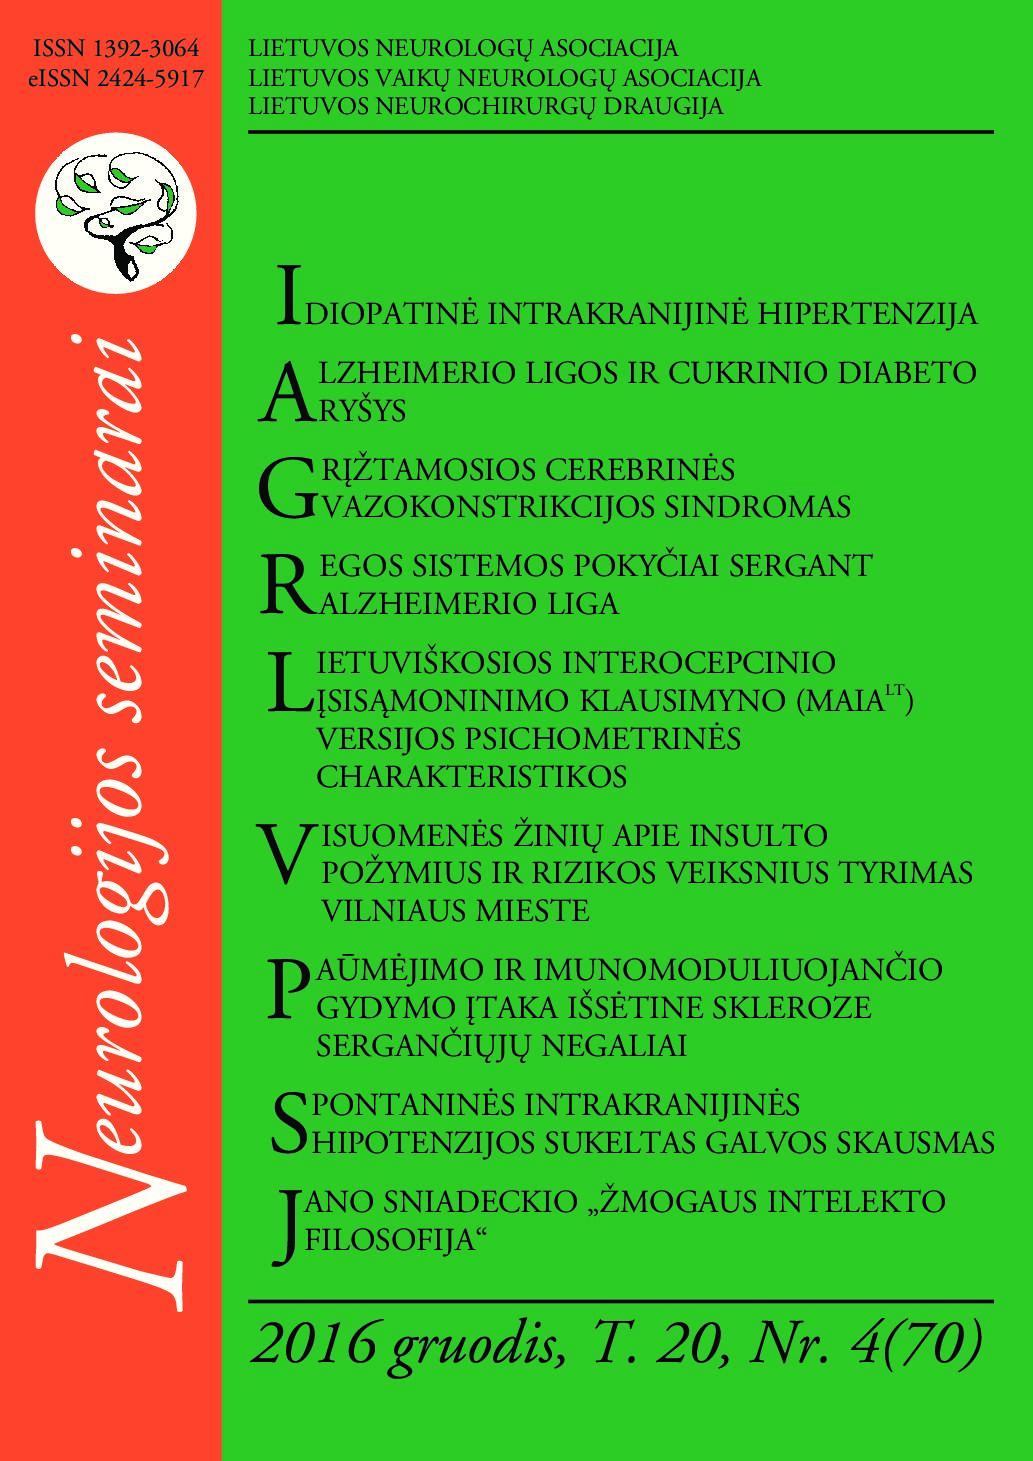 Arterinė hipertenzija ir centrinės nervų sistemos pažeidimai: neurologo požiūris | eagles.lt